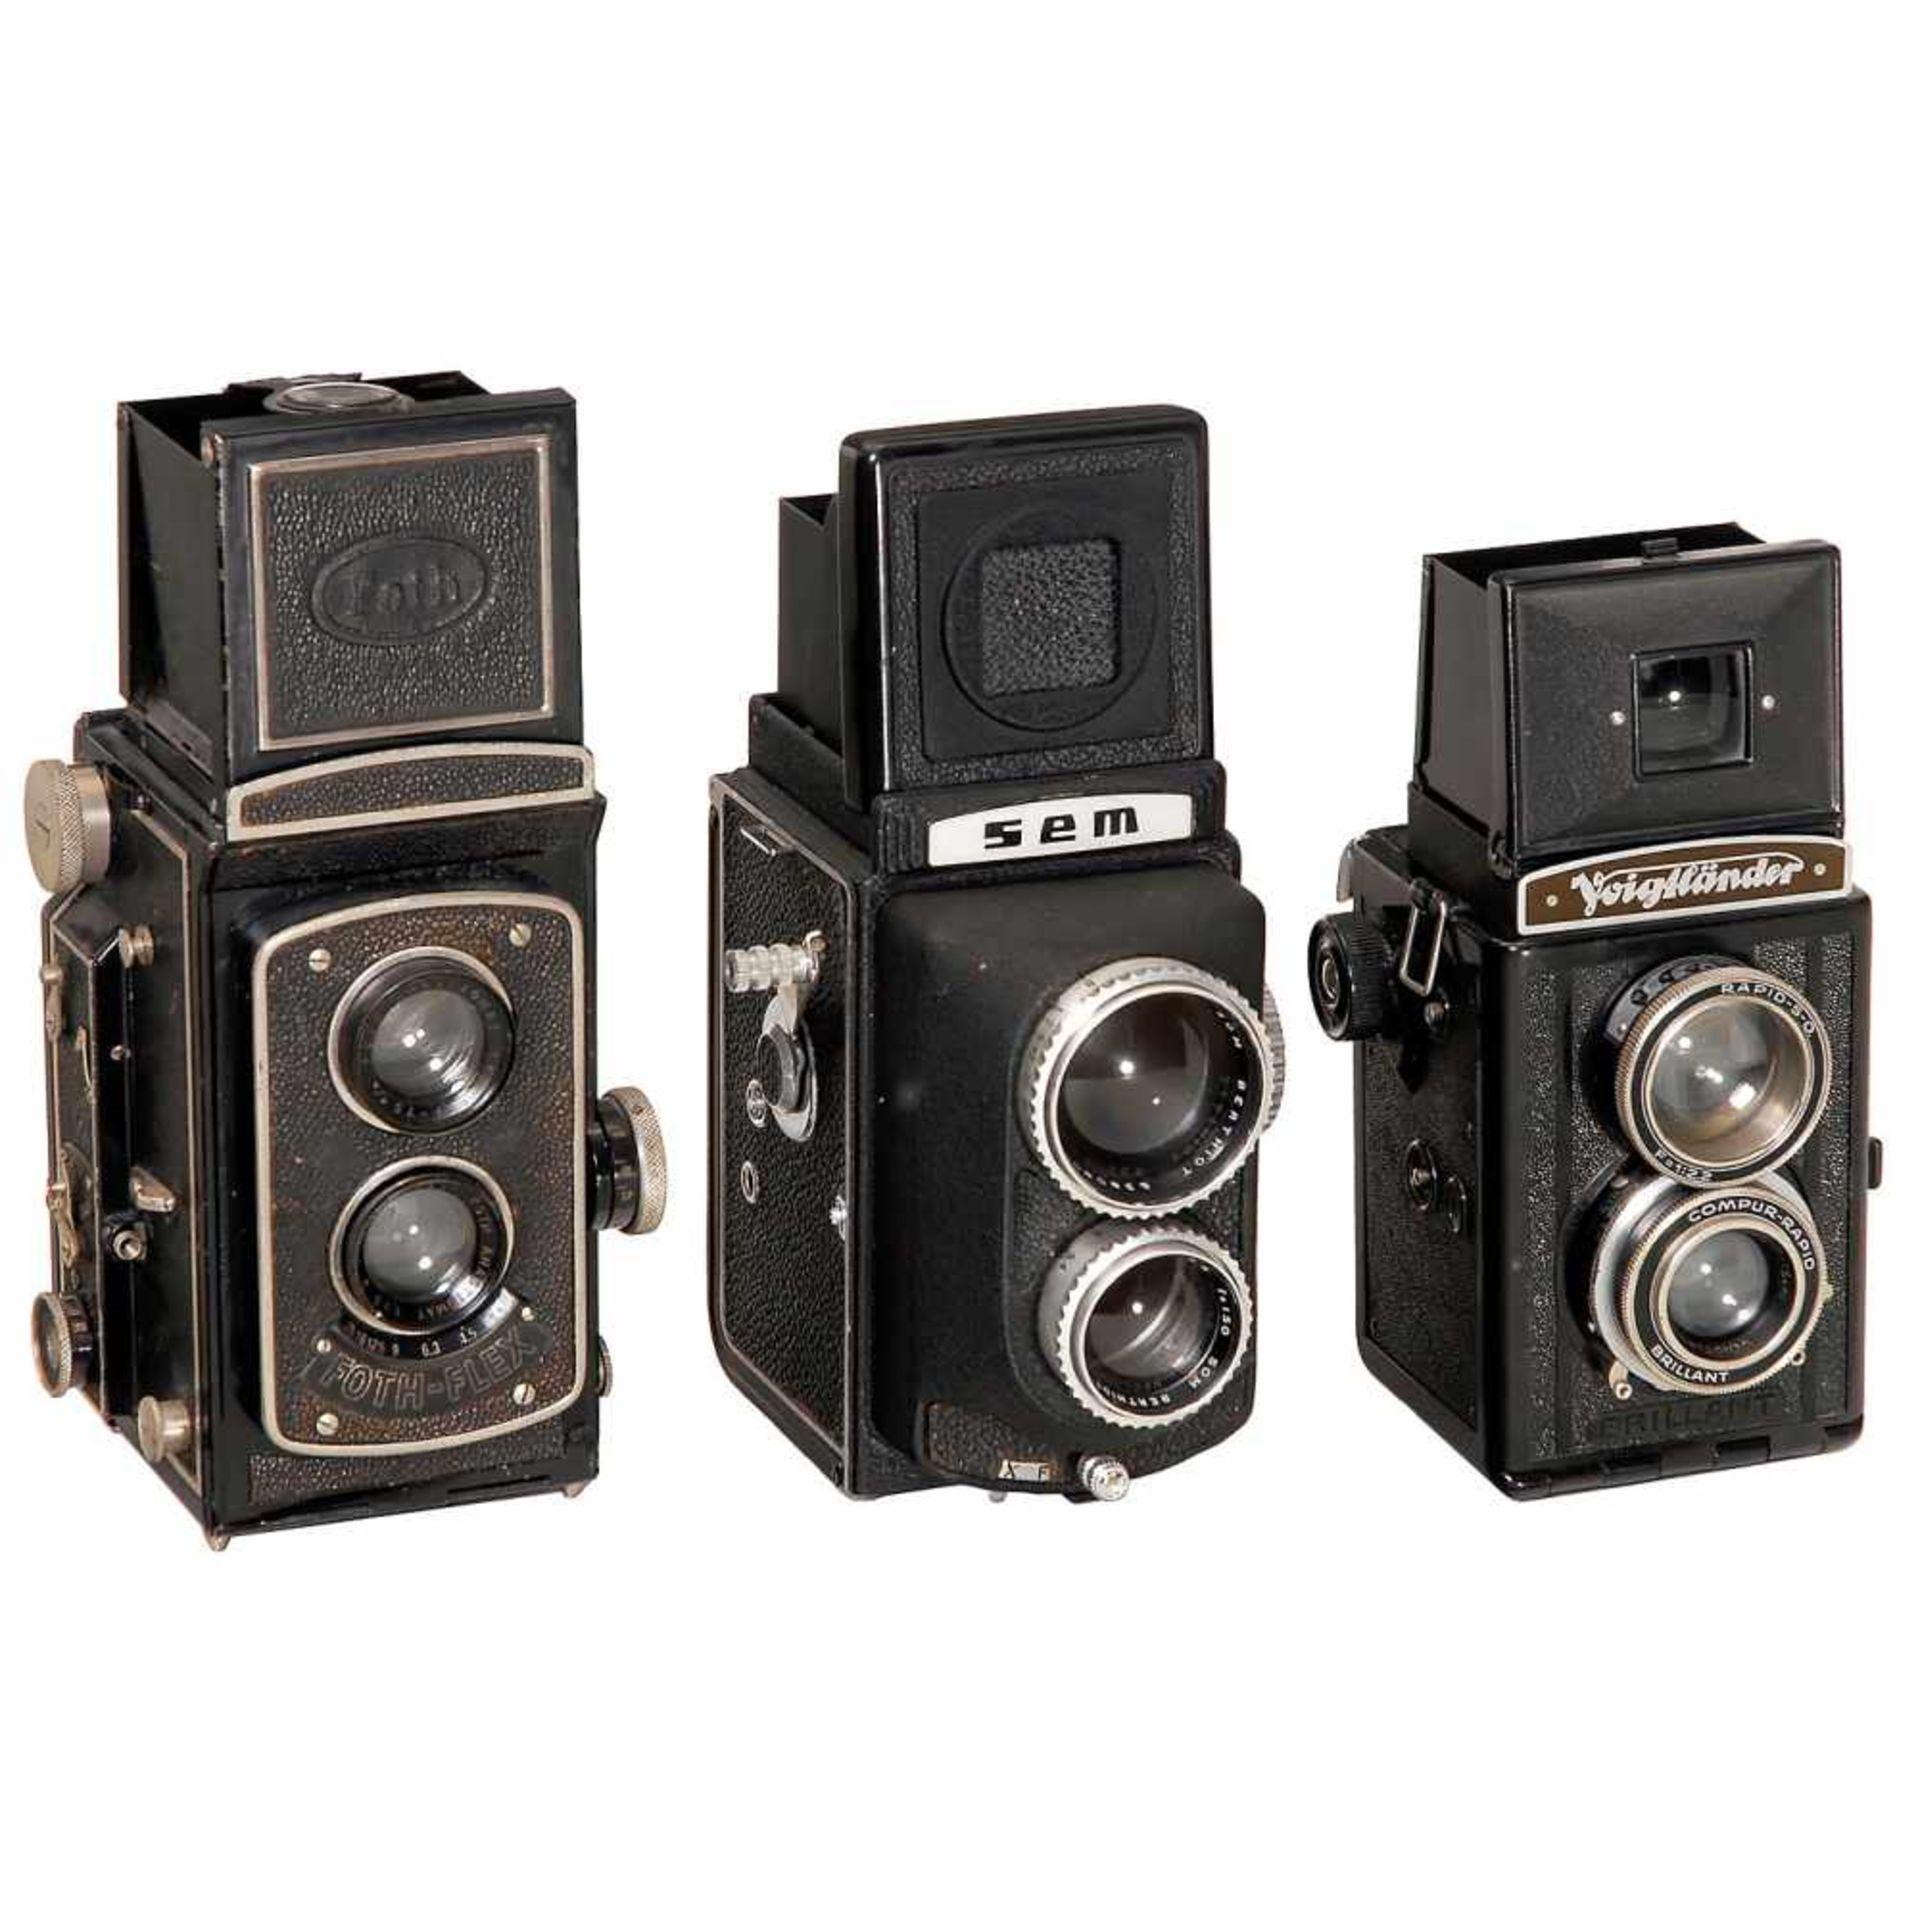 3 TLR Cameras1) Foth, Berlin. Foth-Flex, 1933. Foth Anastigmat 3,5/75 mm, focal plane shutter,